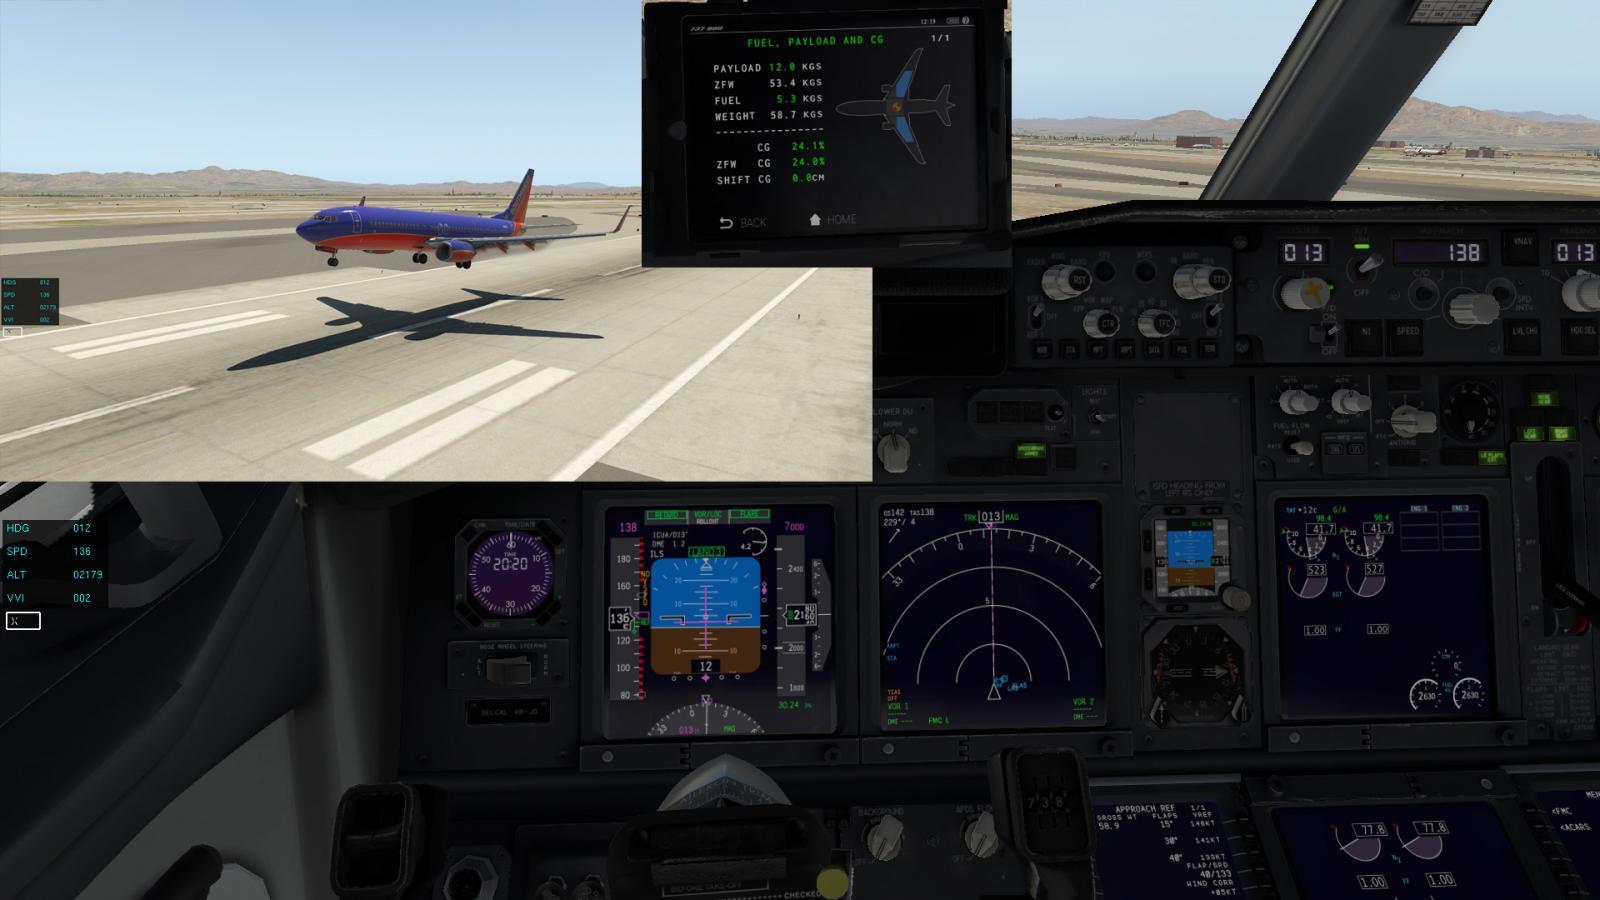 B738-800 modified - Page 1408 - ZIBO B738-800 modified - X-Plane Org